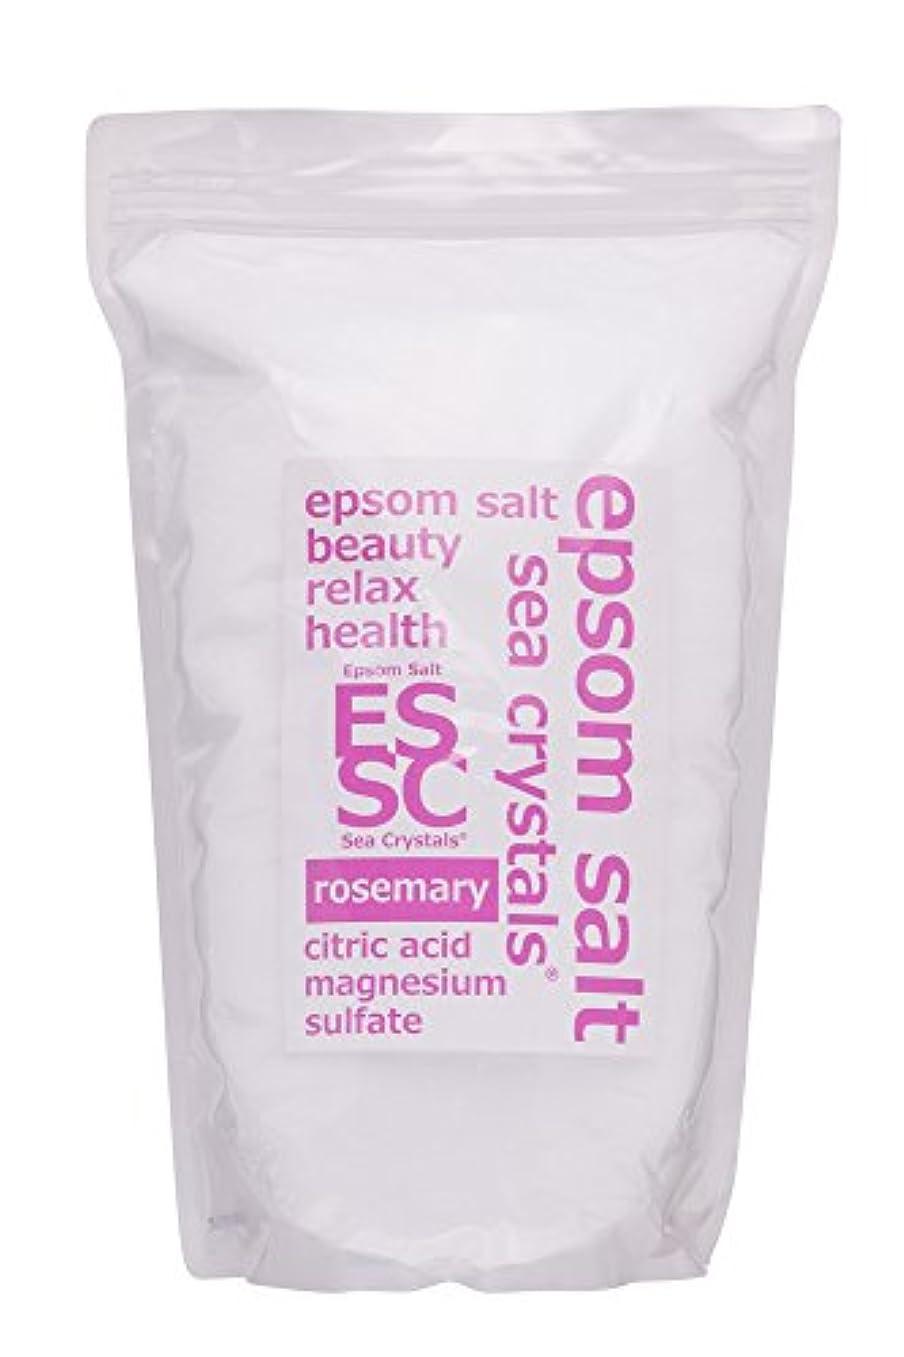 植生寮劣るエプソムソルト ローズマリーの香り 2.2kg 入浴剤 (浴用化粧品)クエン酸配合 シークリスタルス 計量スプーン付